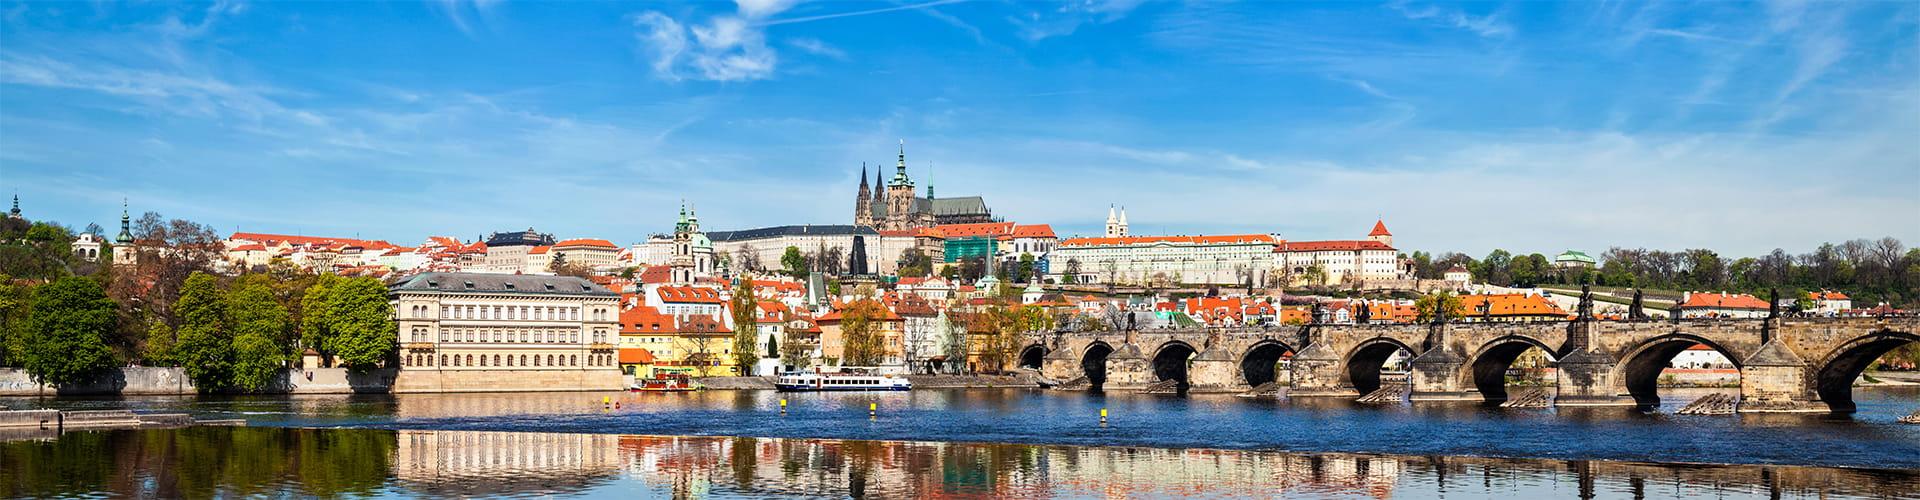 Обзорная экскурсия по Праге eurostudy